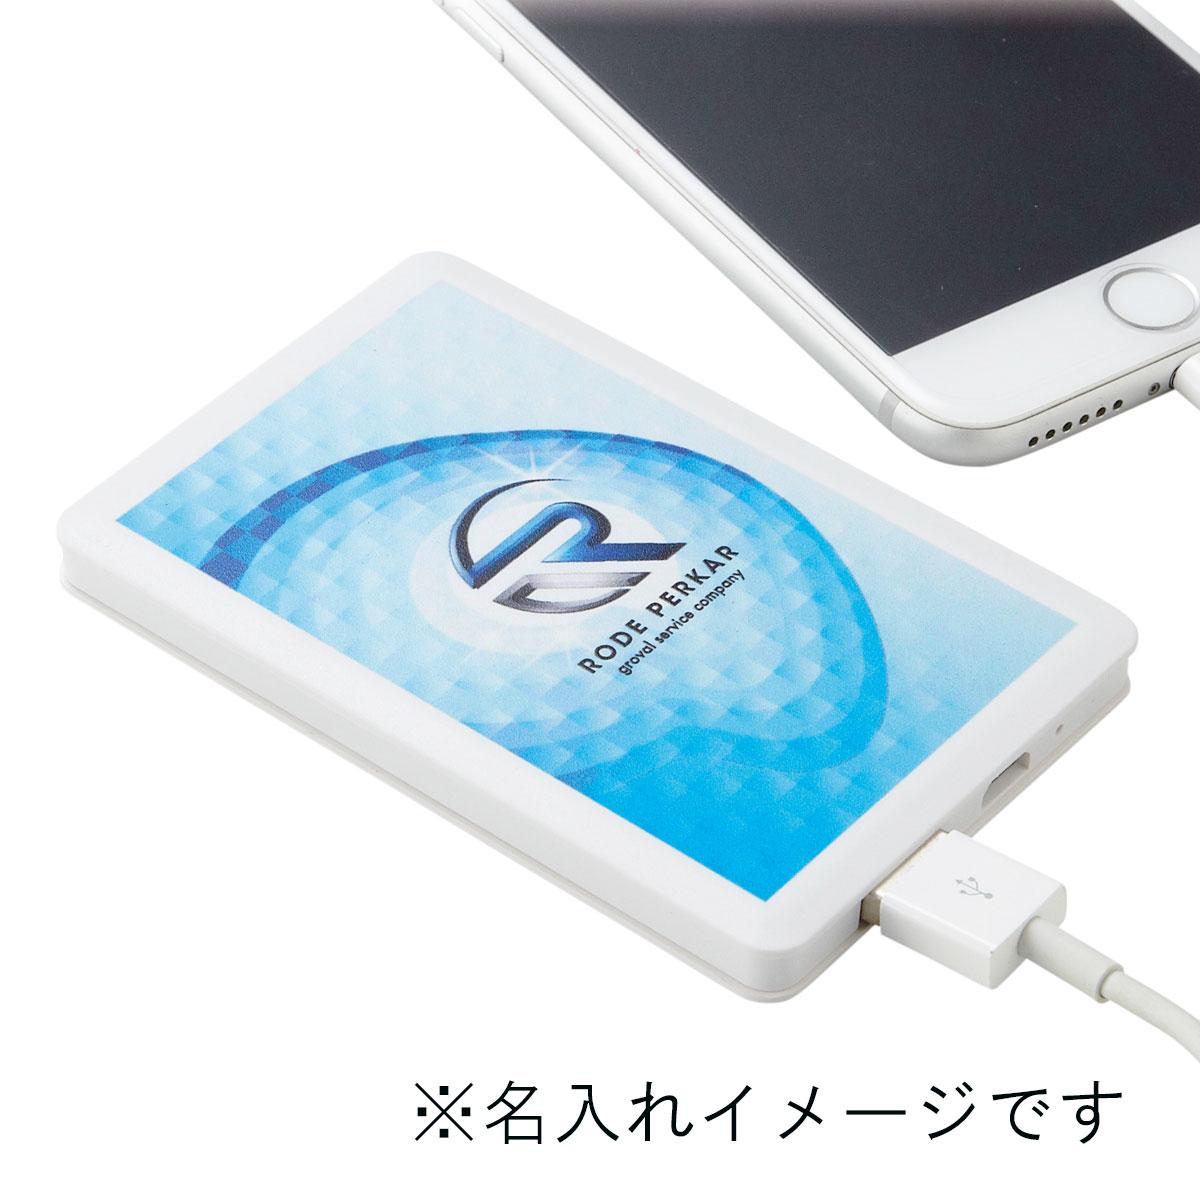 モバイルバッテリー2500mAh (バッテリー蓄電用ケーブル付き)